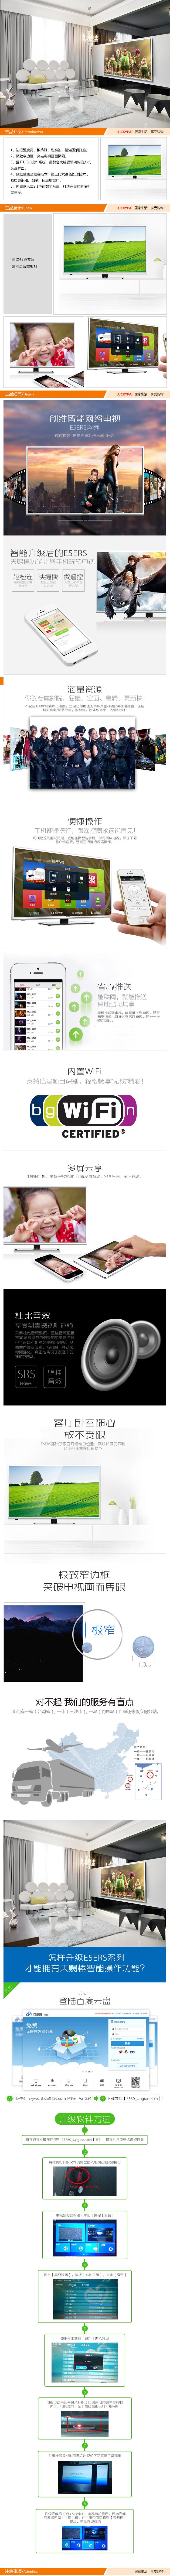 """""""产品品牌 创维(skyworth) 上市日期 14-1-10 产品型号 42E5ERS 产品类型 网络电视(上网冲浪) 产品颜色 银色 能效等级 二级能效 最佳观看距离(米) 2.5-4米 显示参数 屏幕尺寸 42英寸 屏幕类别 A级屏 屏幕分辨率 全高清(1920x1080) 3D显示 不支持 屏幕比例 16:9 刷屏率 60HZ 背光源 直下式LED 扫描方式 逐行扫描 响应时间 4ms 支持格式(高清) 1080i/720p 核心参数 智能电视 网络电视 网络参数 网络连接 支持 连接方式 无线"""